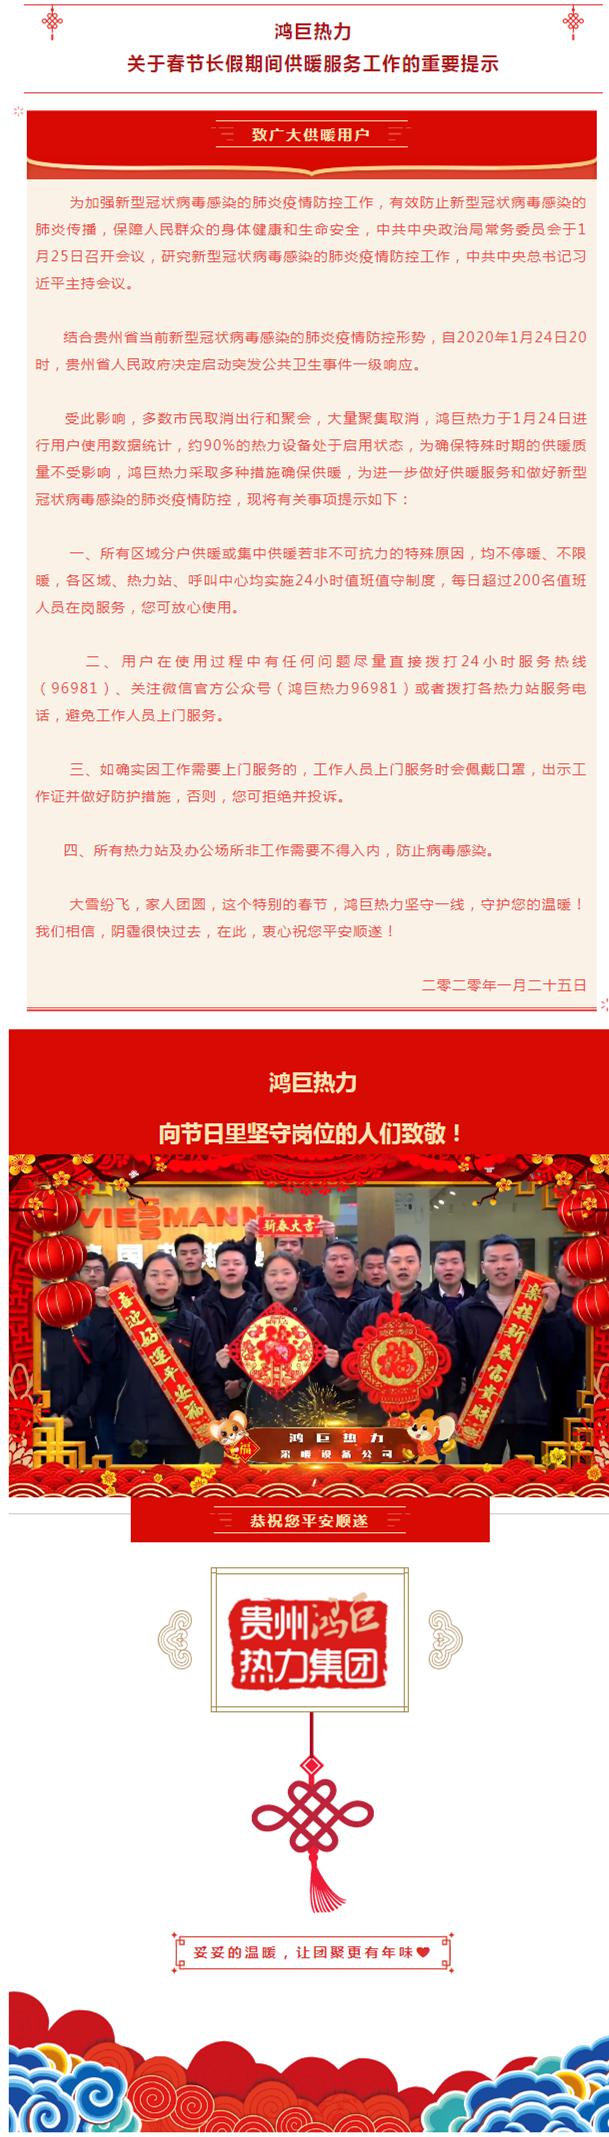 鸿巨必威体育betway777关于春节长假期间供暖服务工作的重要提示_副本.png